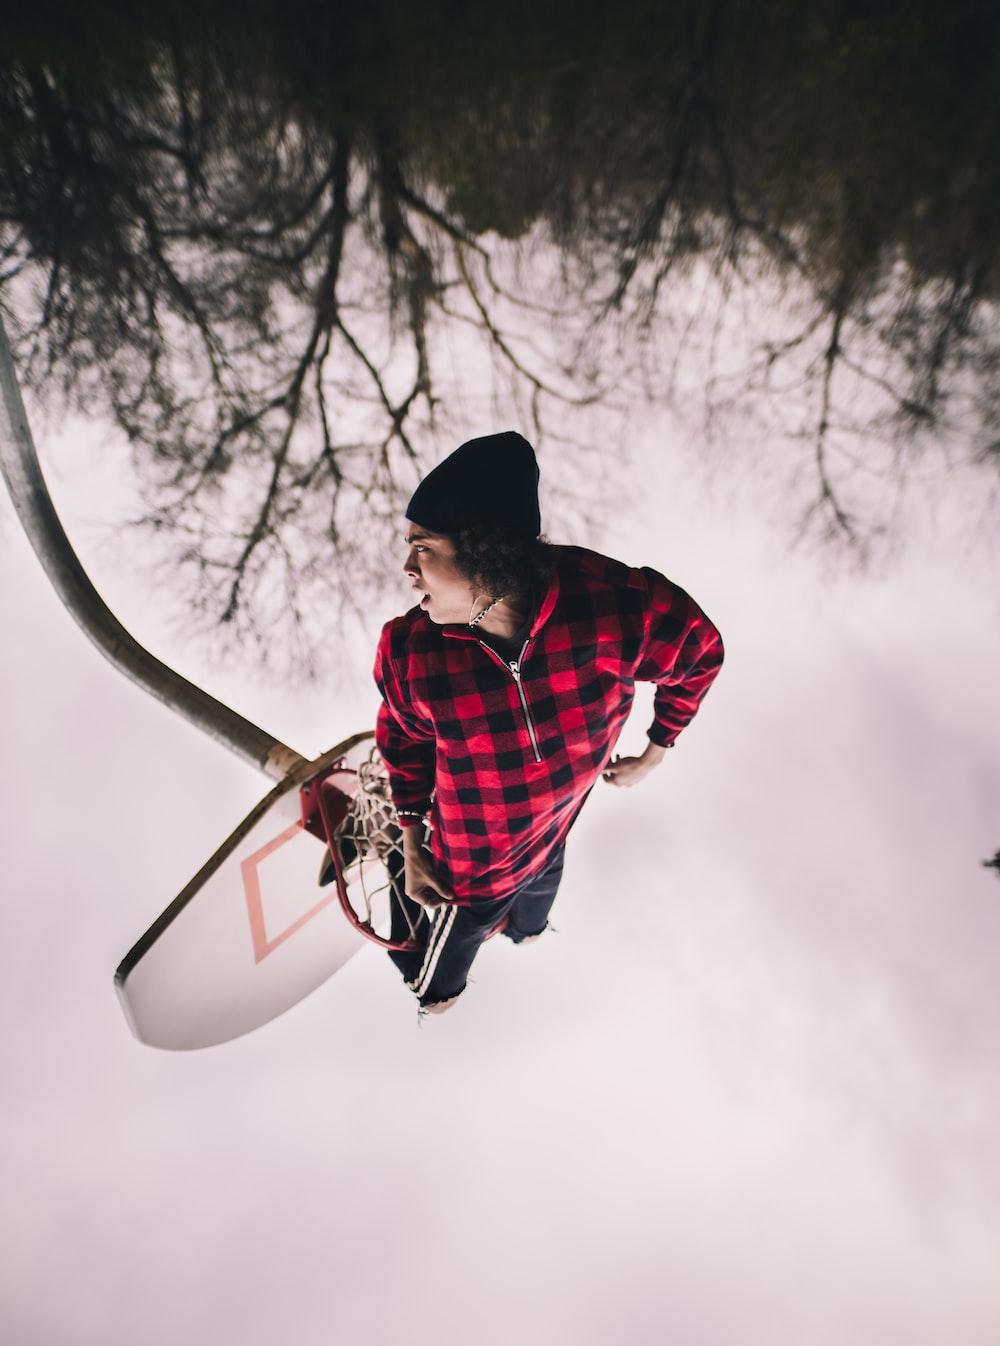 man performing stunt on basketball hoop